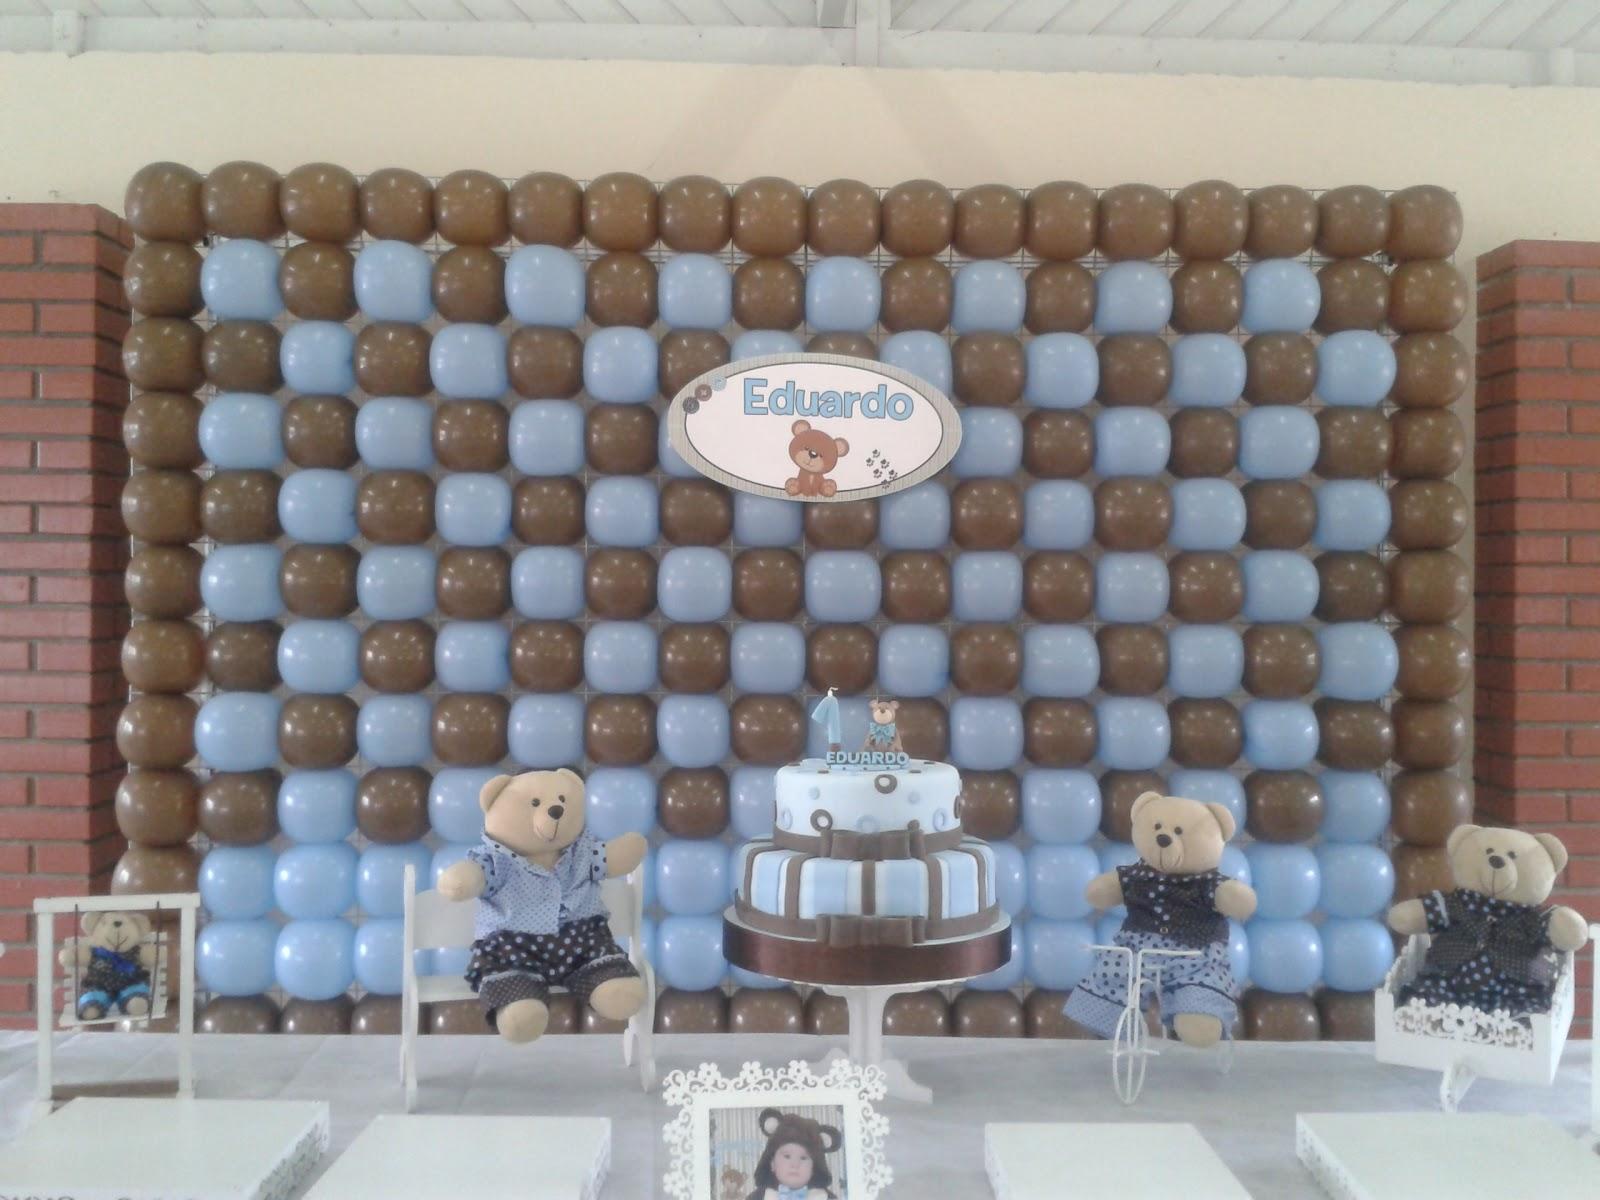 decoracao festa urso azul e marrom : decoracao festa urso azul e marrom:Doce Mel Ateliê de Festas: Decoração Urso Marrom com azul